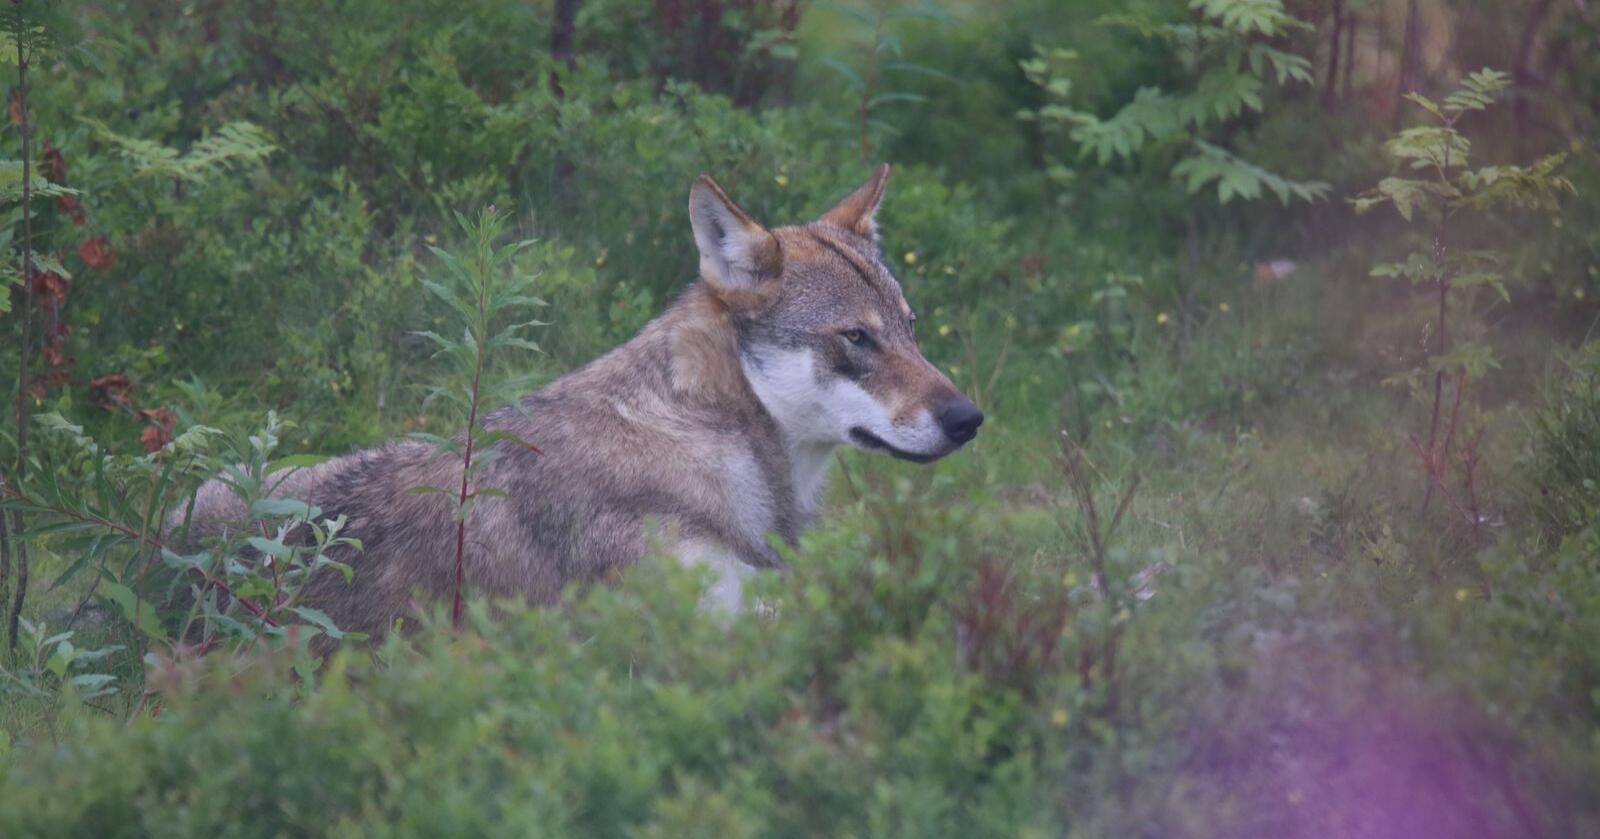 Sverige burde ha en ulv, men færre og færre vil ha den i nærheten, ifølge en undersøkelse fra det svenske universitetet for landbruksvitenskap. Foto: Mostphotos